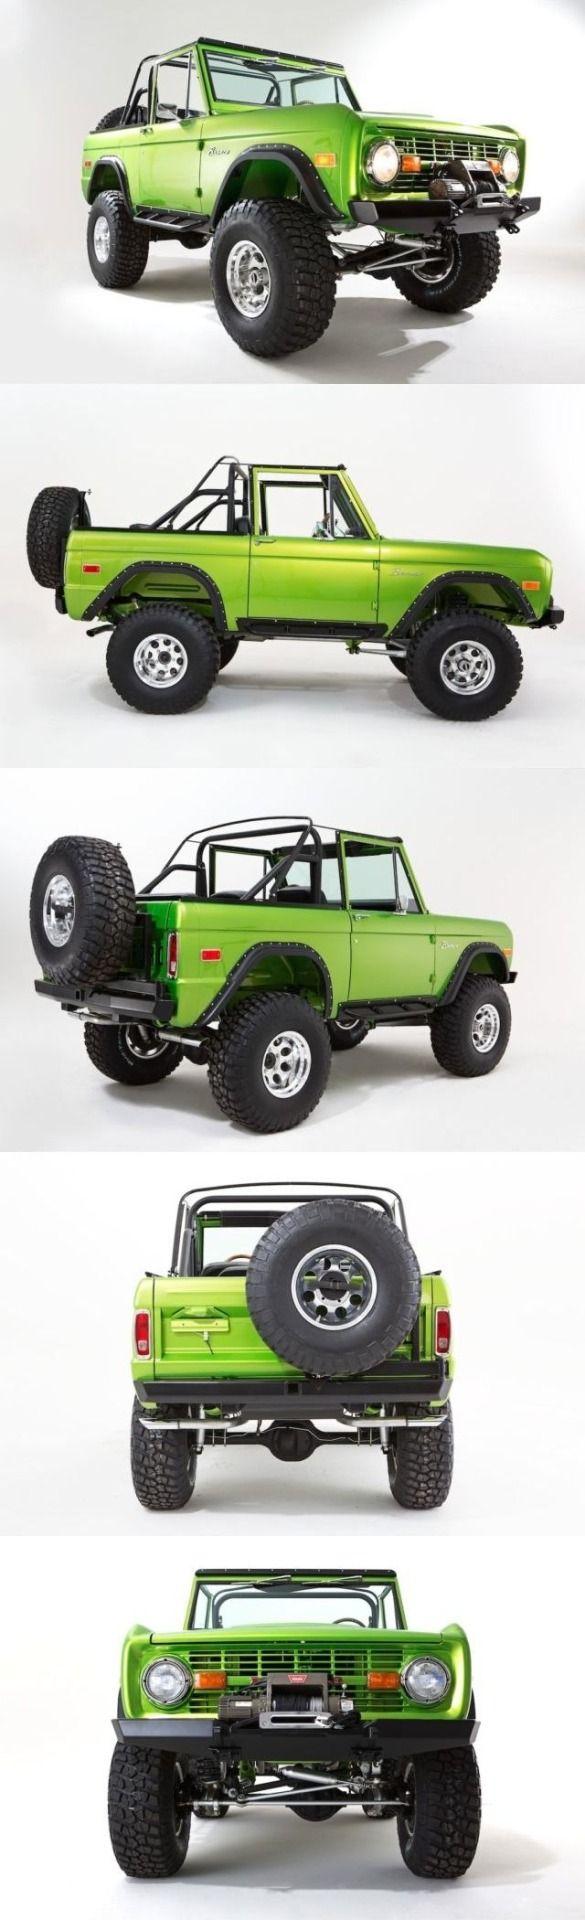 Ford Bronco: Yo manejaría este carro asta que se le saliera una llana y después ponerle nuevas llantas y usarlo denuevo!! (Ford Bronco no es mío pero me gusta este carro)